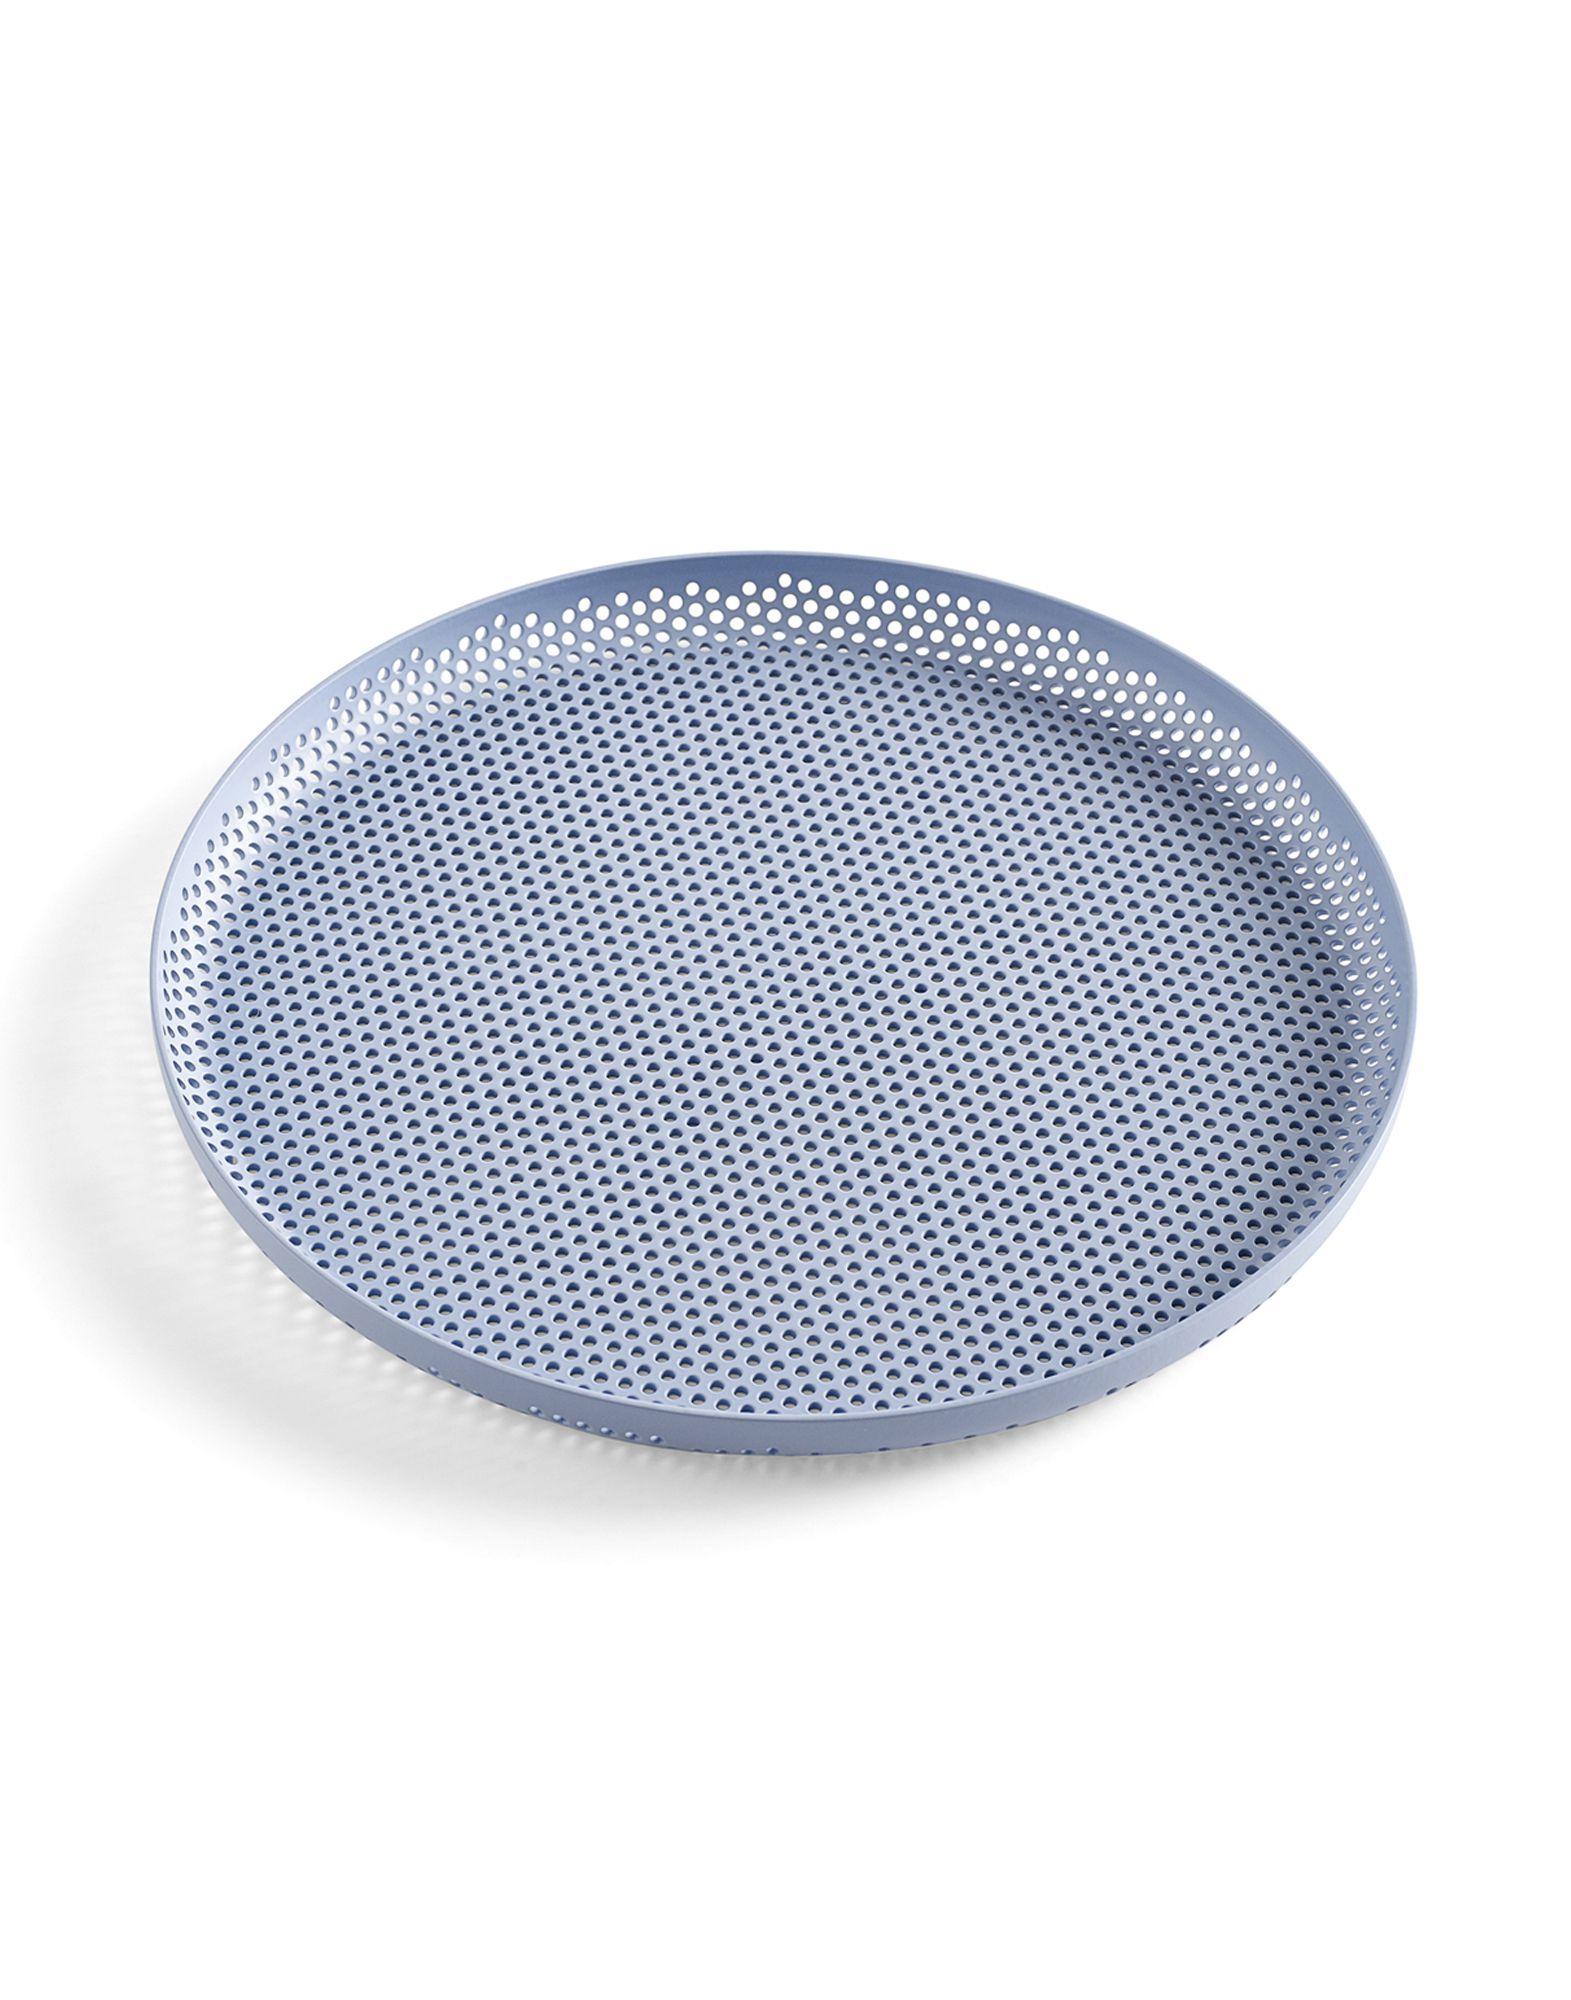 《セール開催中》HAY Unisex 雑貨 スカイブルー アルミニウム Perforated Tray M